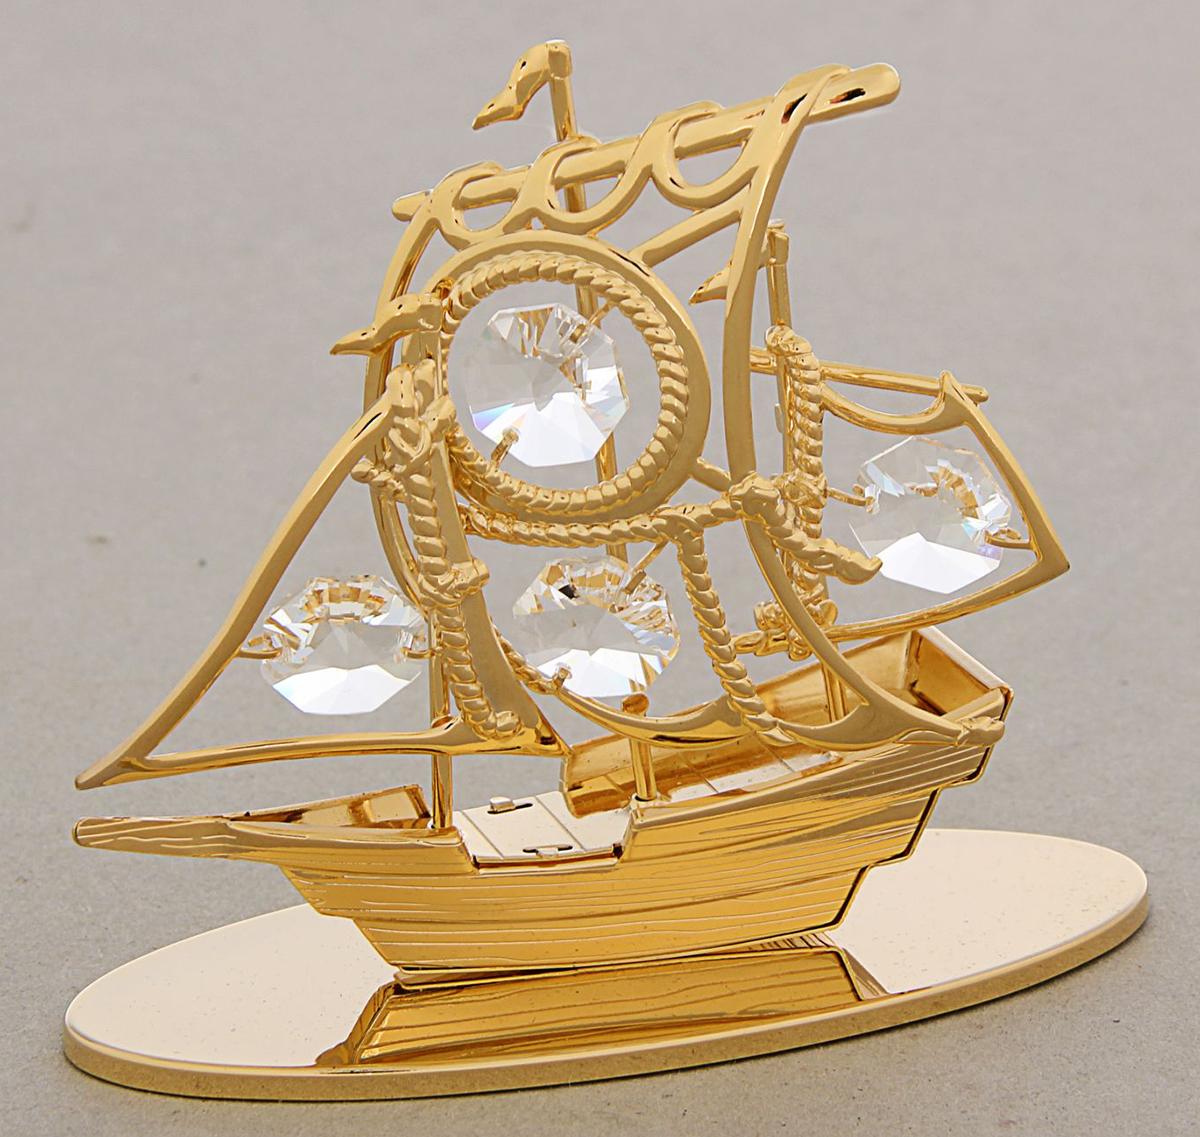 Миниатюра Корабль, с кристаллами Сваровски, 9 х 6 х 10 см1431470Добавьте окружающему пространству отблеск роскоши: украсьте его сувениром с мерцающими кристаллами Swarovski. Это идеальное украшение интерьера, а также хороший подарок для человека, который ценит оригинальные и эксклюзивные вещи.